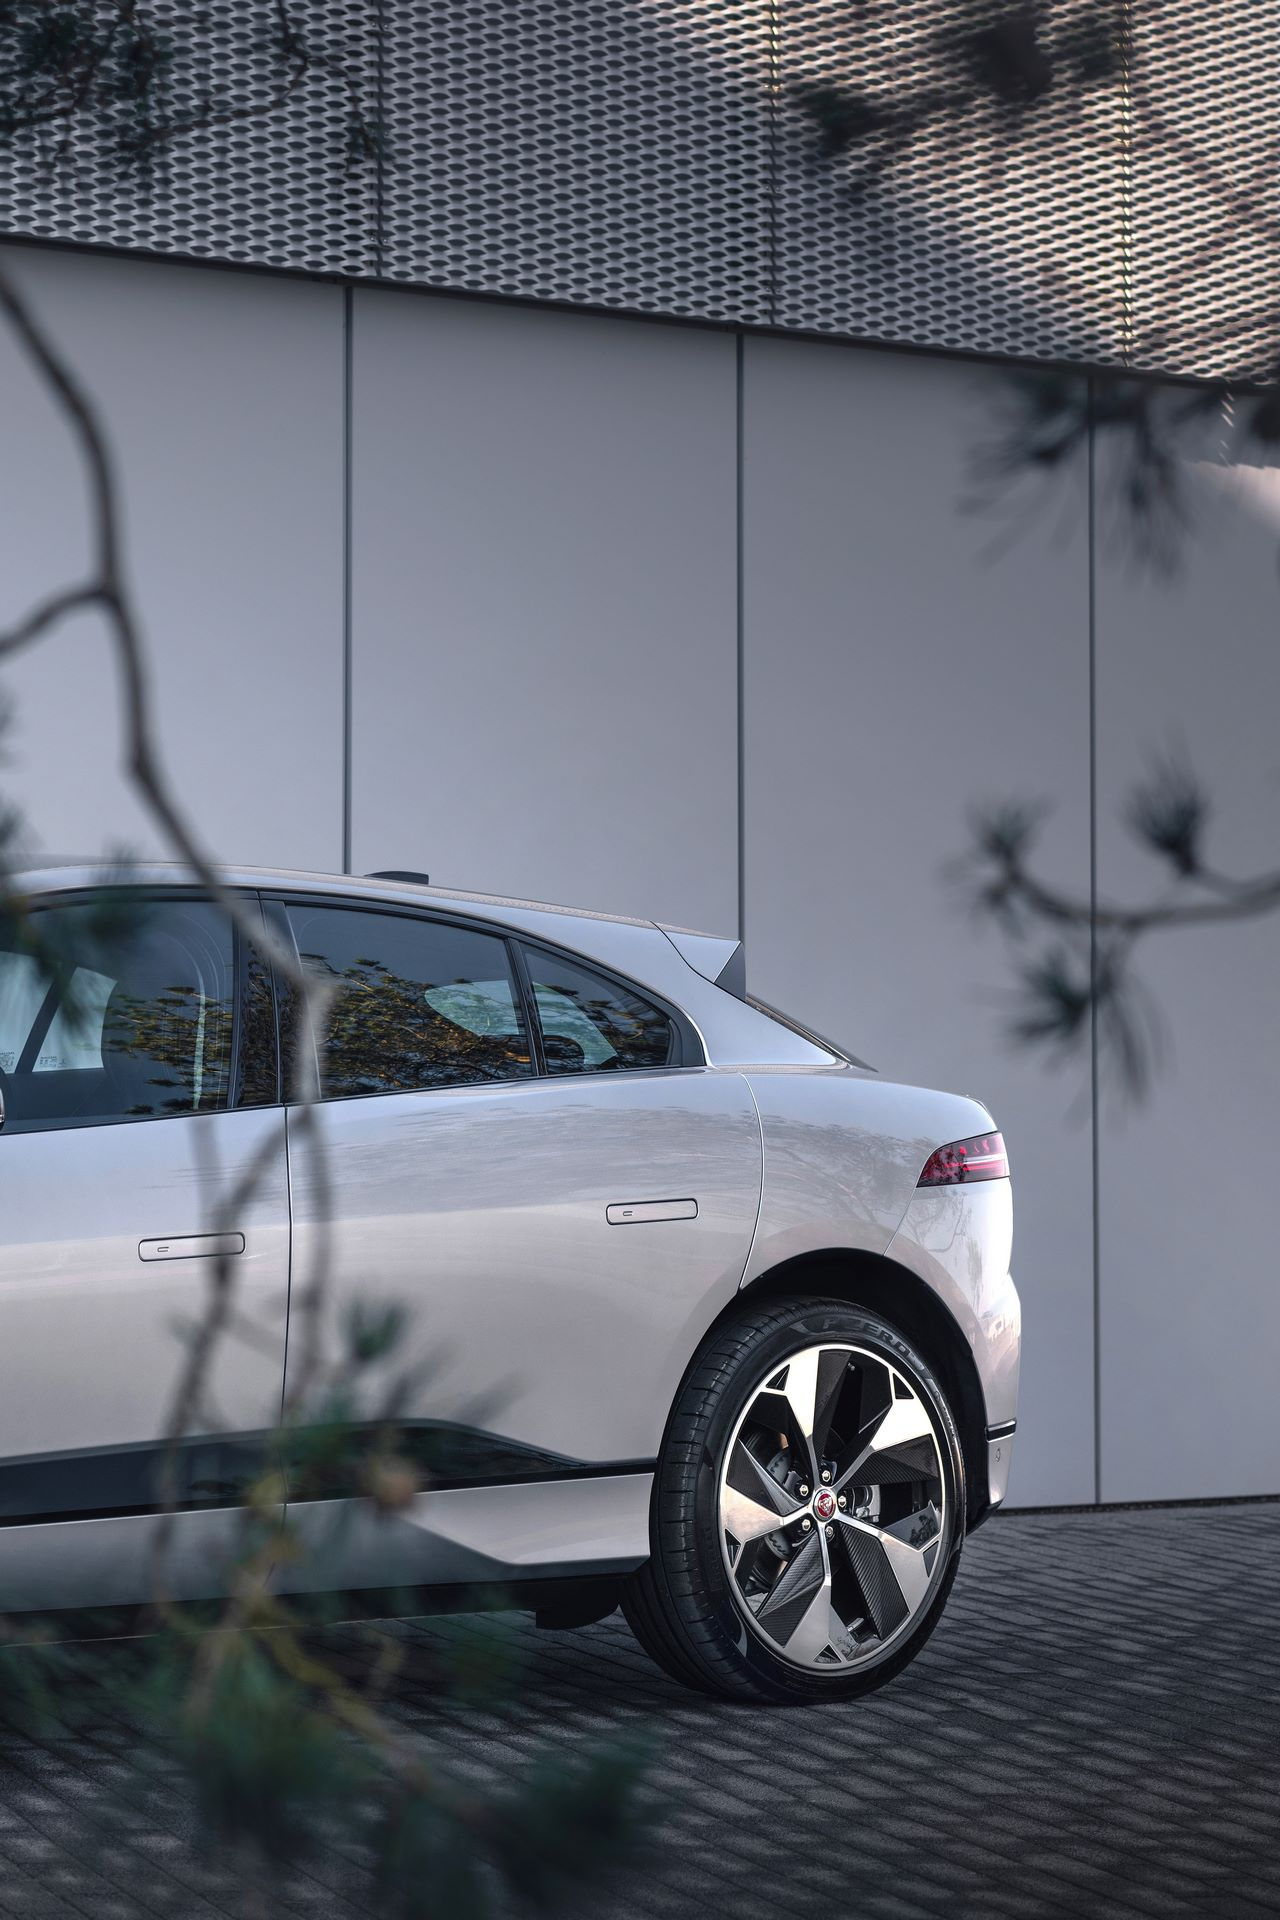 Jaguar-I-Pace-2021-20